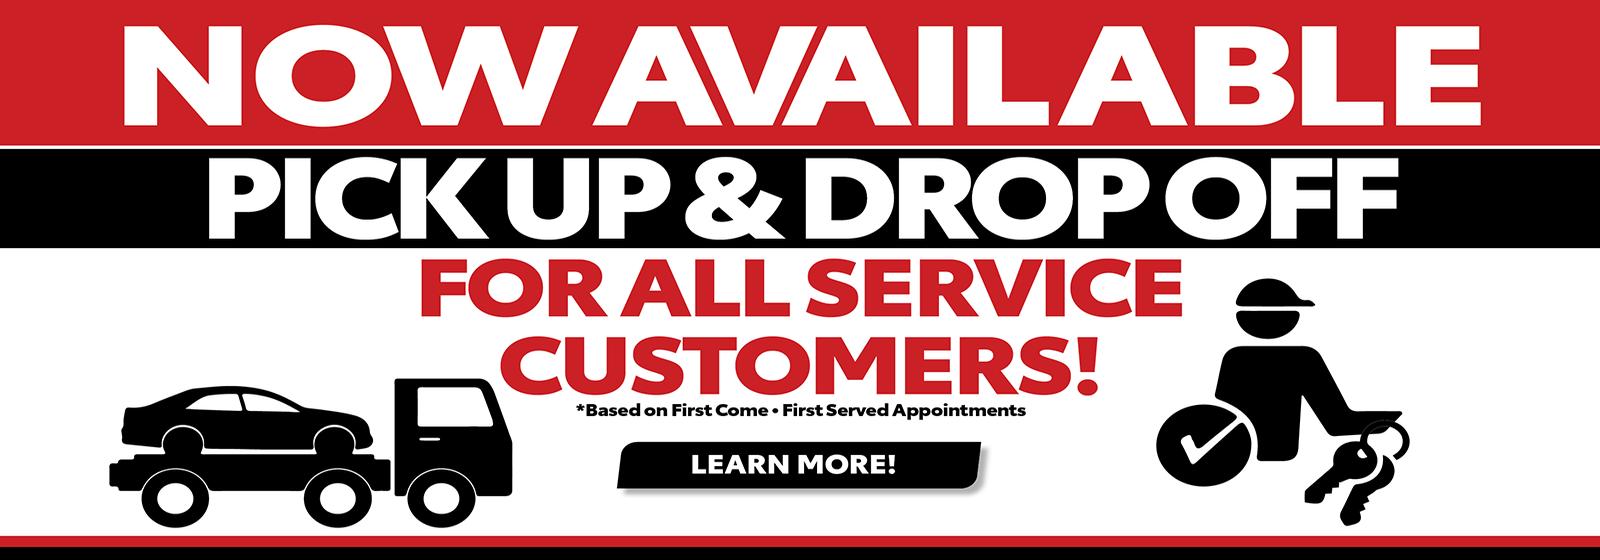 HVT-068_Service_Pickup_Delivery_1600x650_1600x560